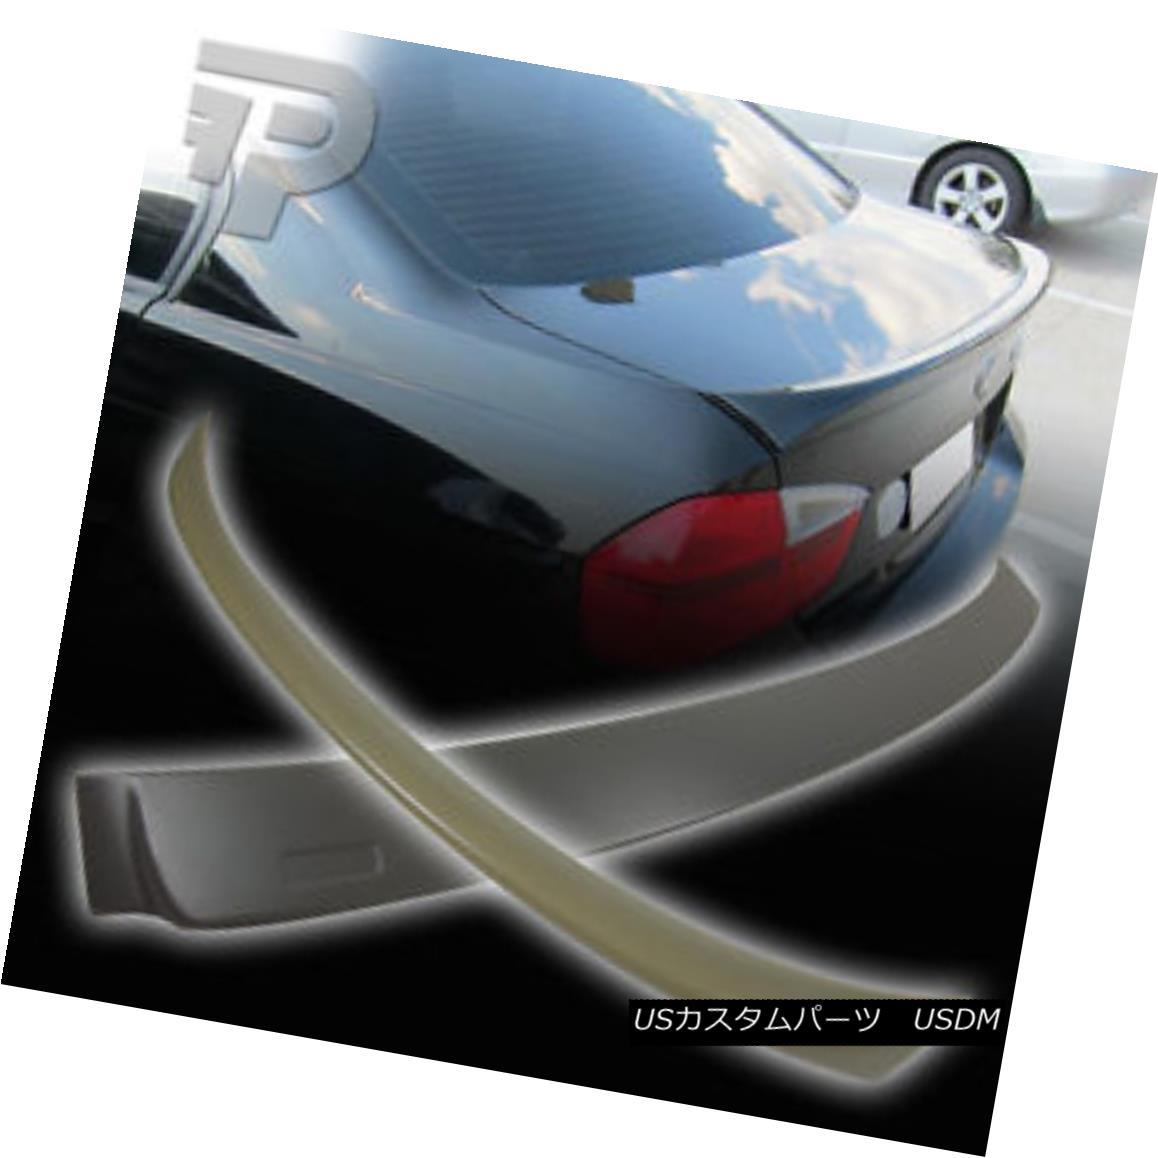 エアロパーツ BMW E90 4D SEDAN A ROOF & OE TYPE REAR BOOT TRUNK SPOILER 330i 325i 320i 06+ ▼ BMW E90 4D SEDAN A ROOF& OEタイプリア・ブーツ・トランク・スポイラー330i 325i 320i 06+?